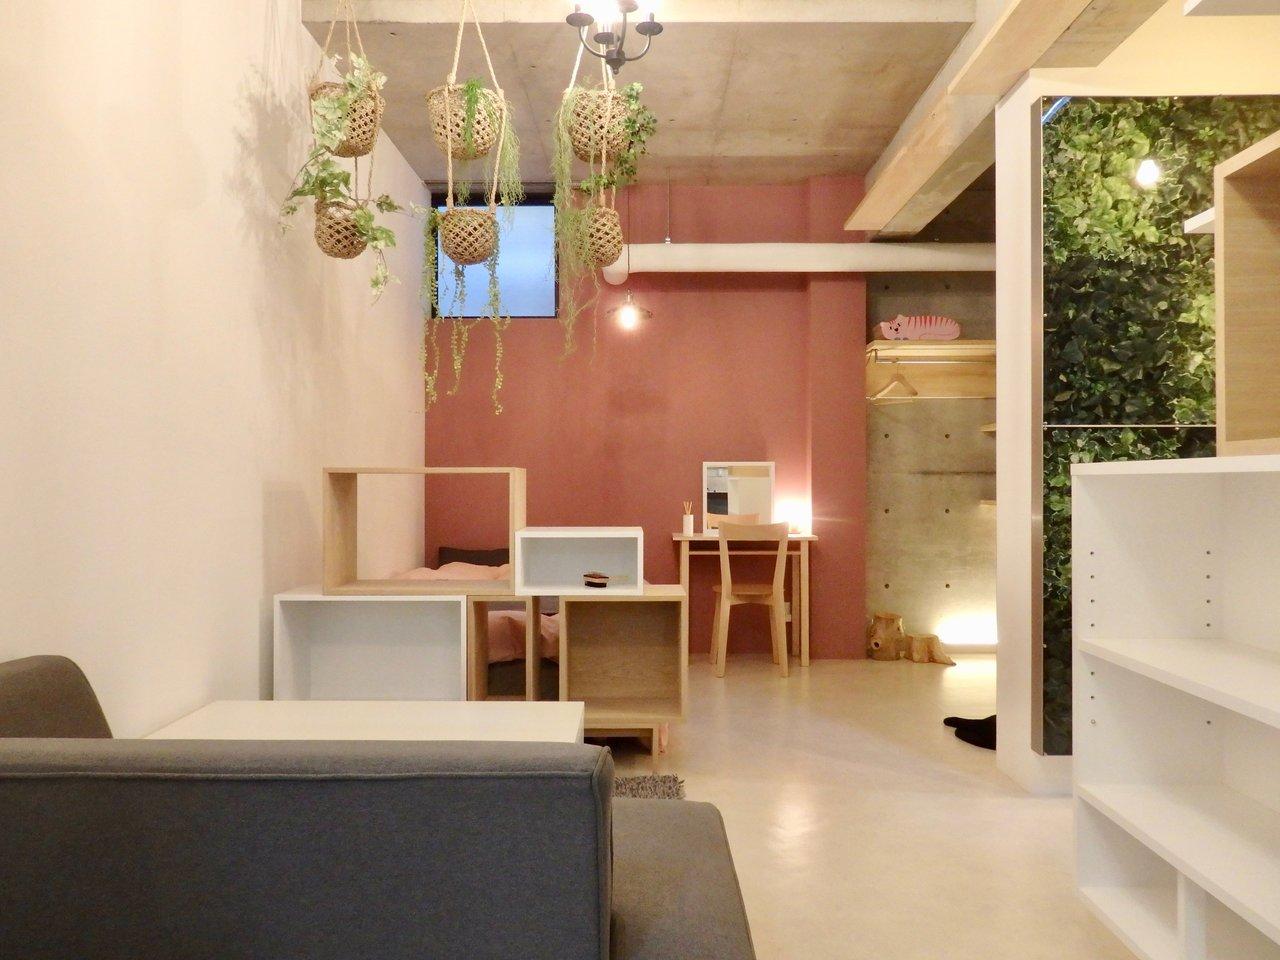 コンクリートの壁が一見ナチュラルさとは相反しそうですが、淡いピンクのクロスと、ところどころにある木の存在が無機質なイメージを打ち消してくれそうです。建物がグッドデザイン賞を受賞したという、デザイン性の高いお部屋なんです。